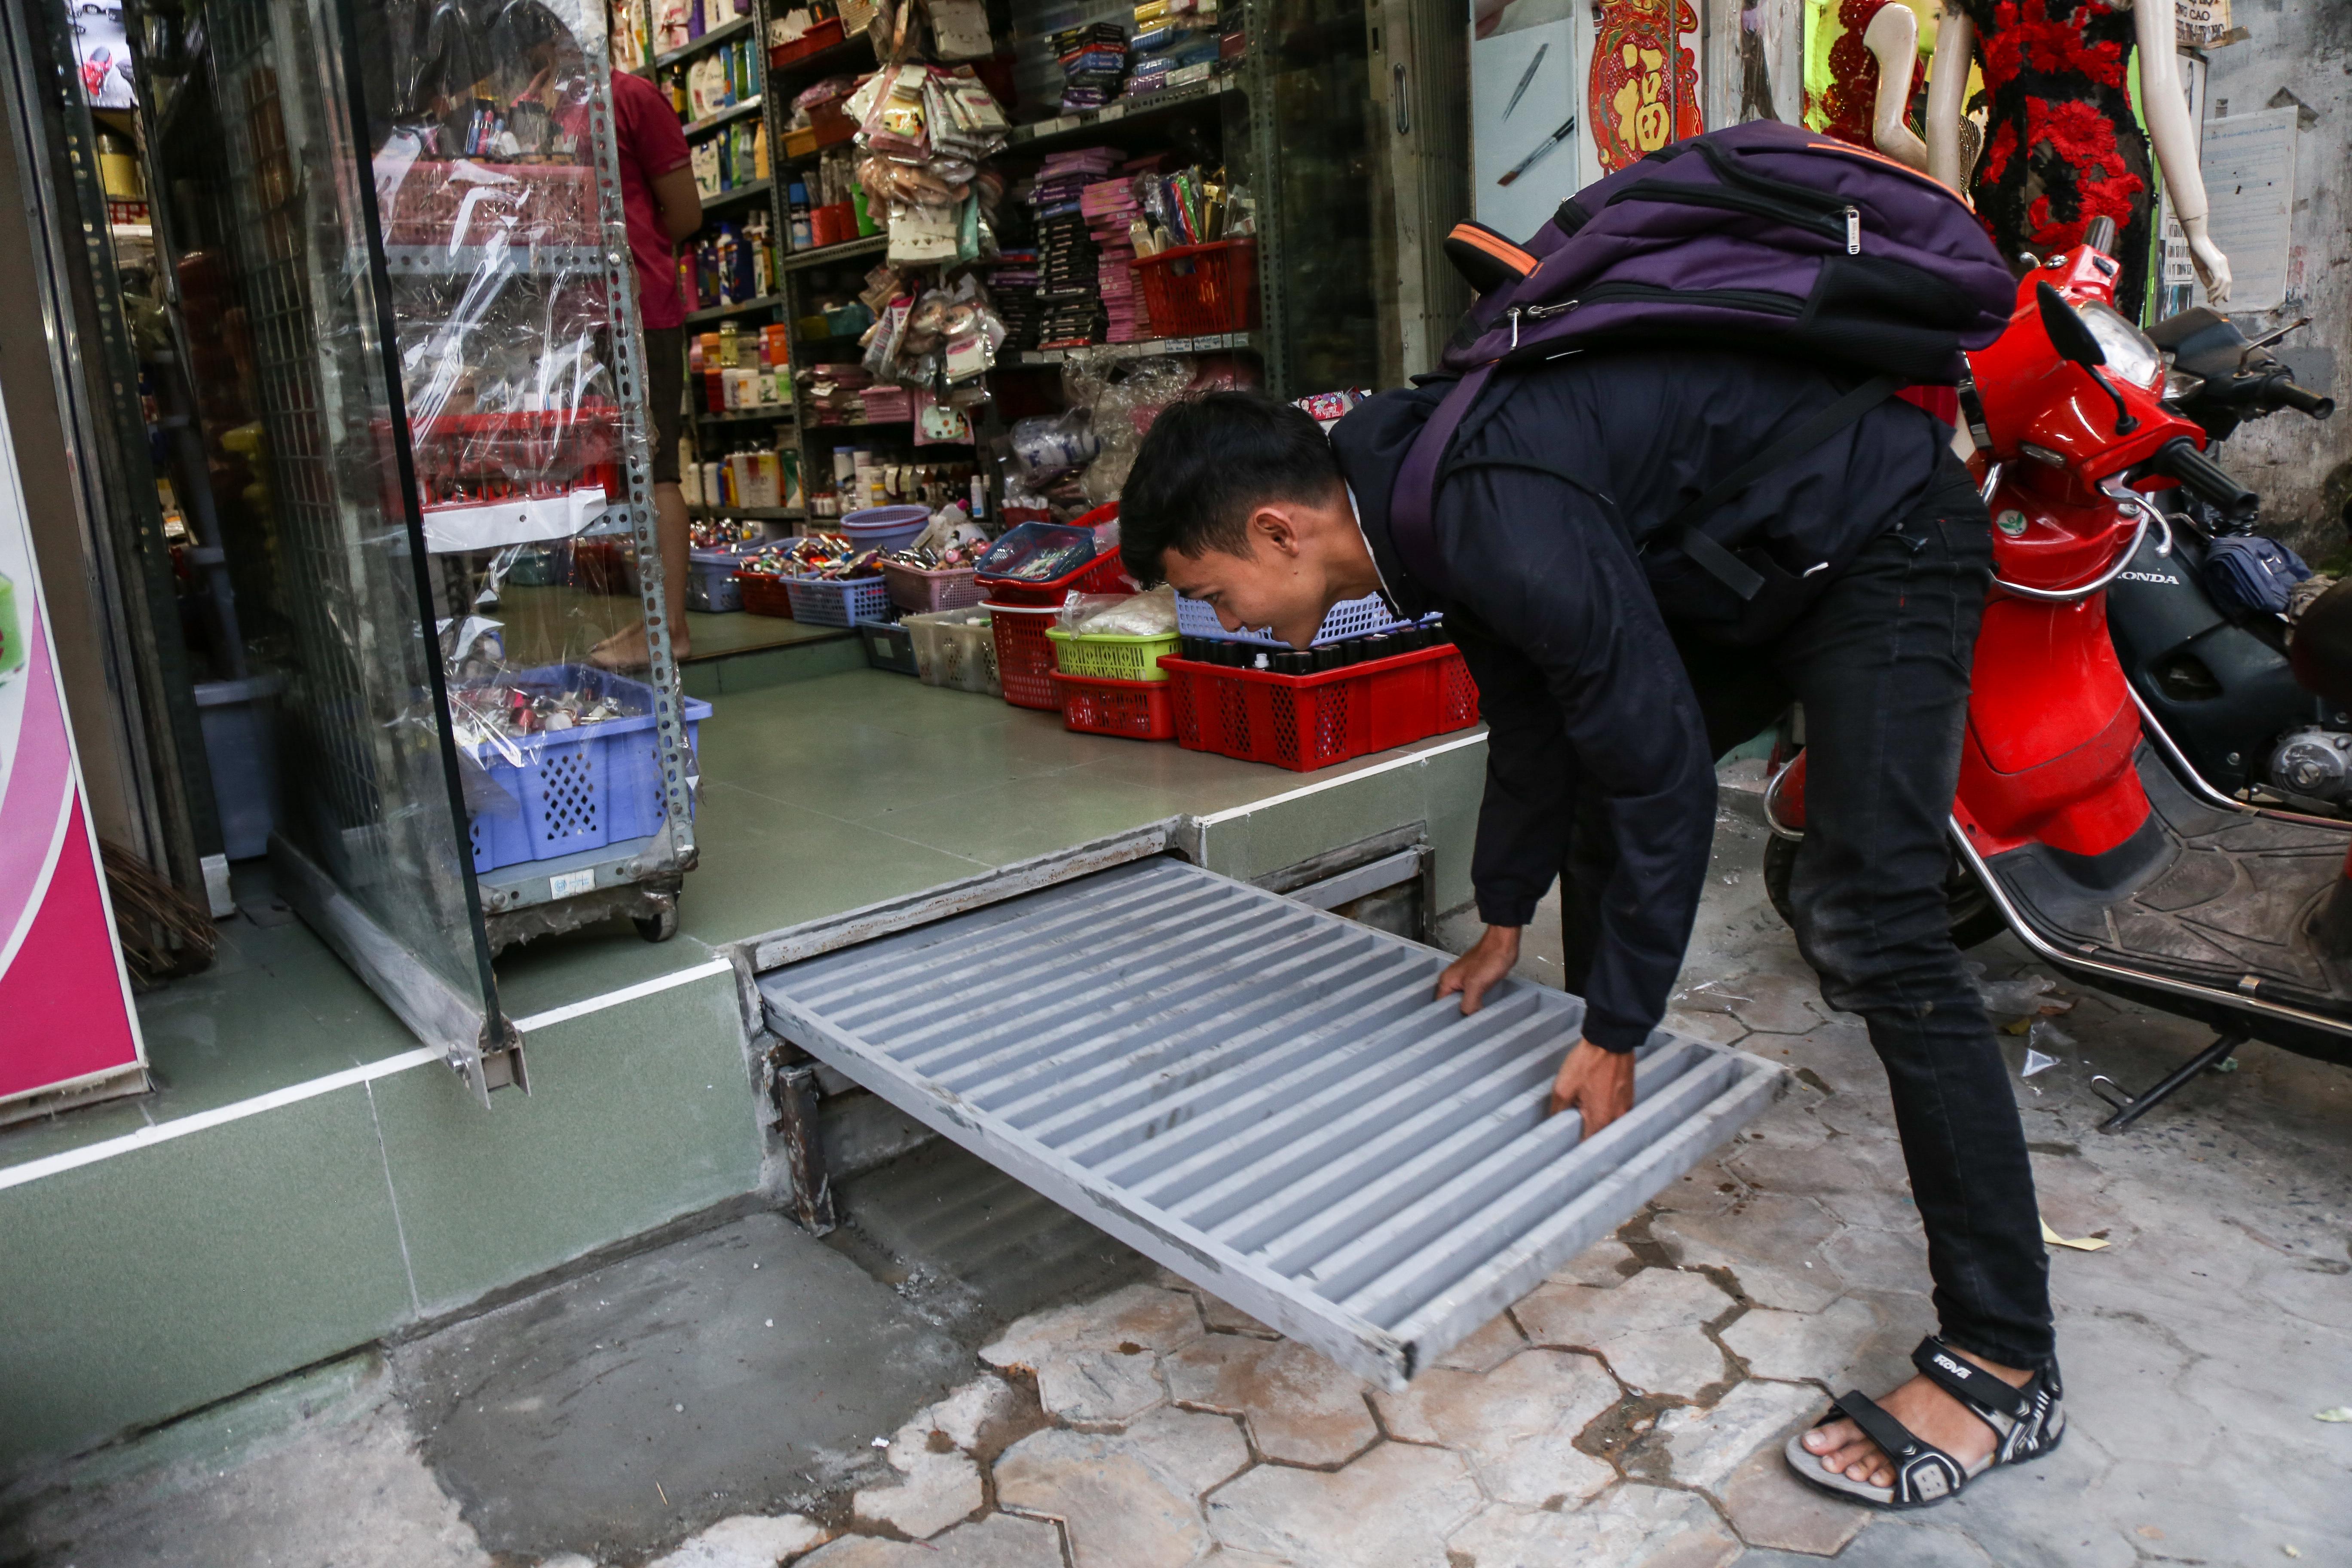 Cái khó ló cái khôn: Người Sài Gòn lắp bậc tam cấp di động như hộp tủ để không lấn chiếm vỉa hè - Ảnh 8.